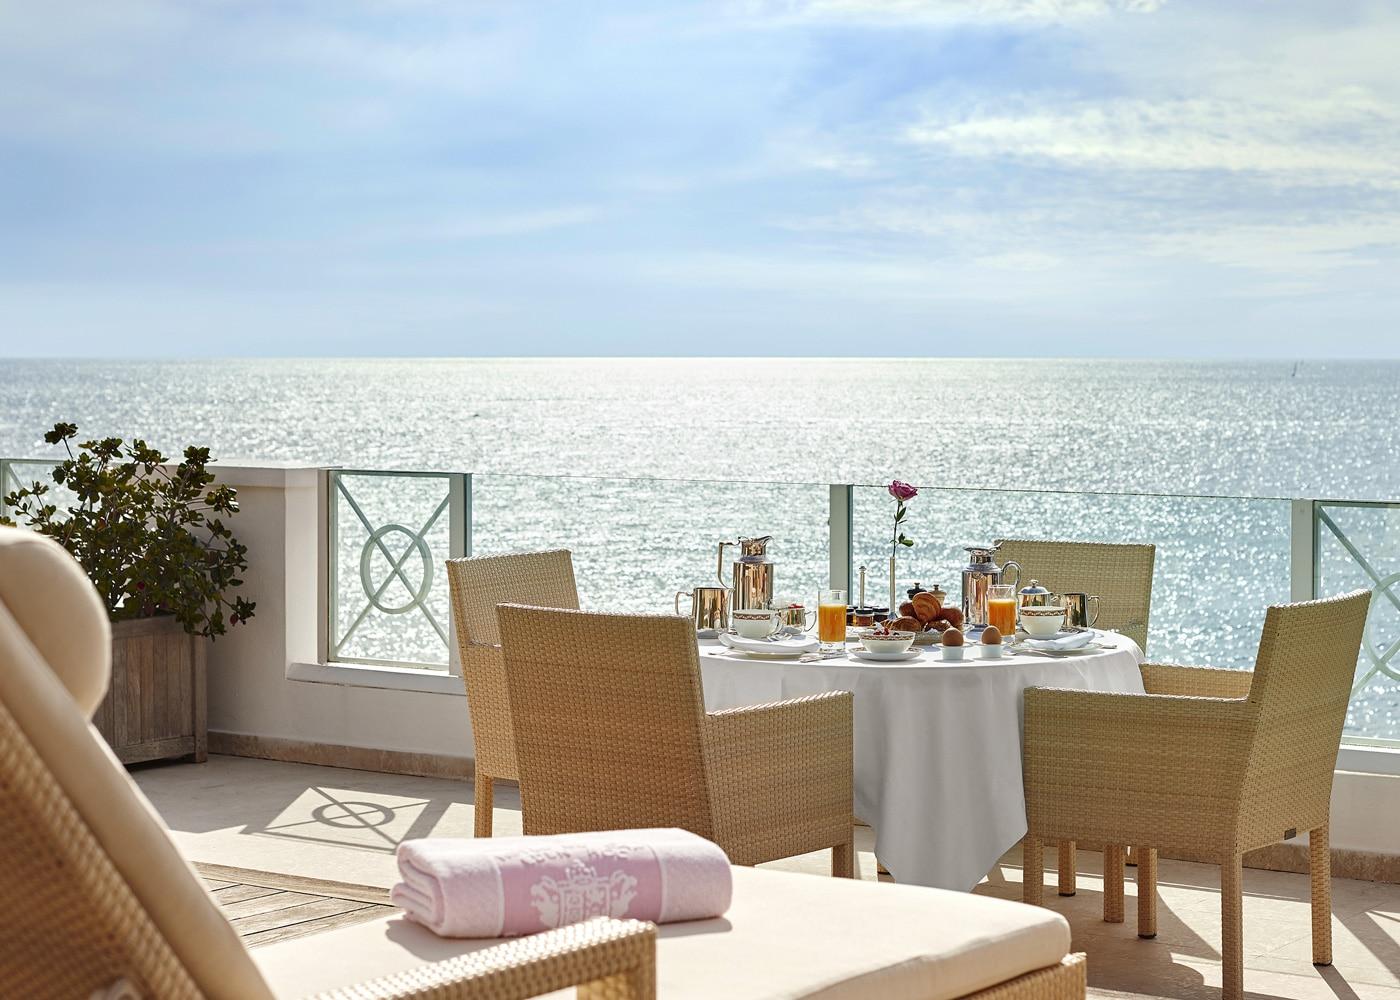 Deconfinez-moi-ici-#5-Hotel-Du-Cap-Eden-Roc-Suite-Eden-Roc-Terrace-JMS